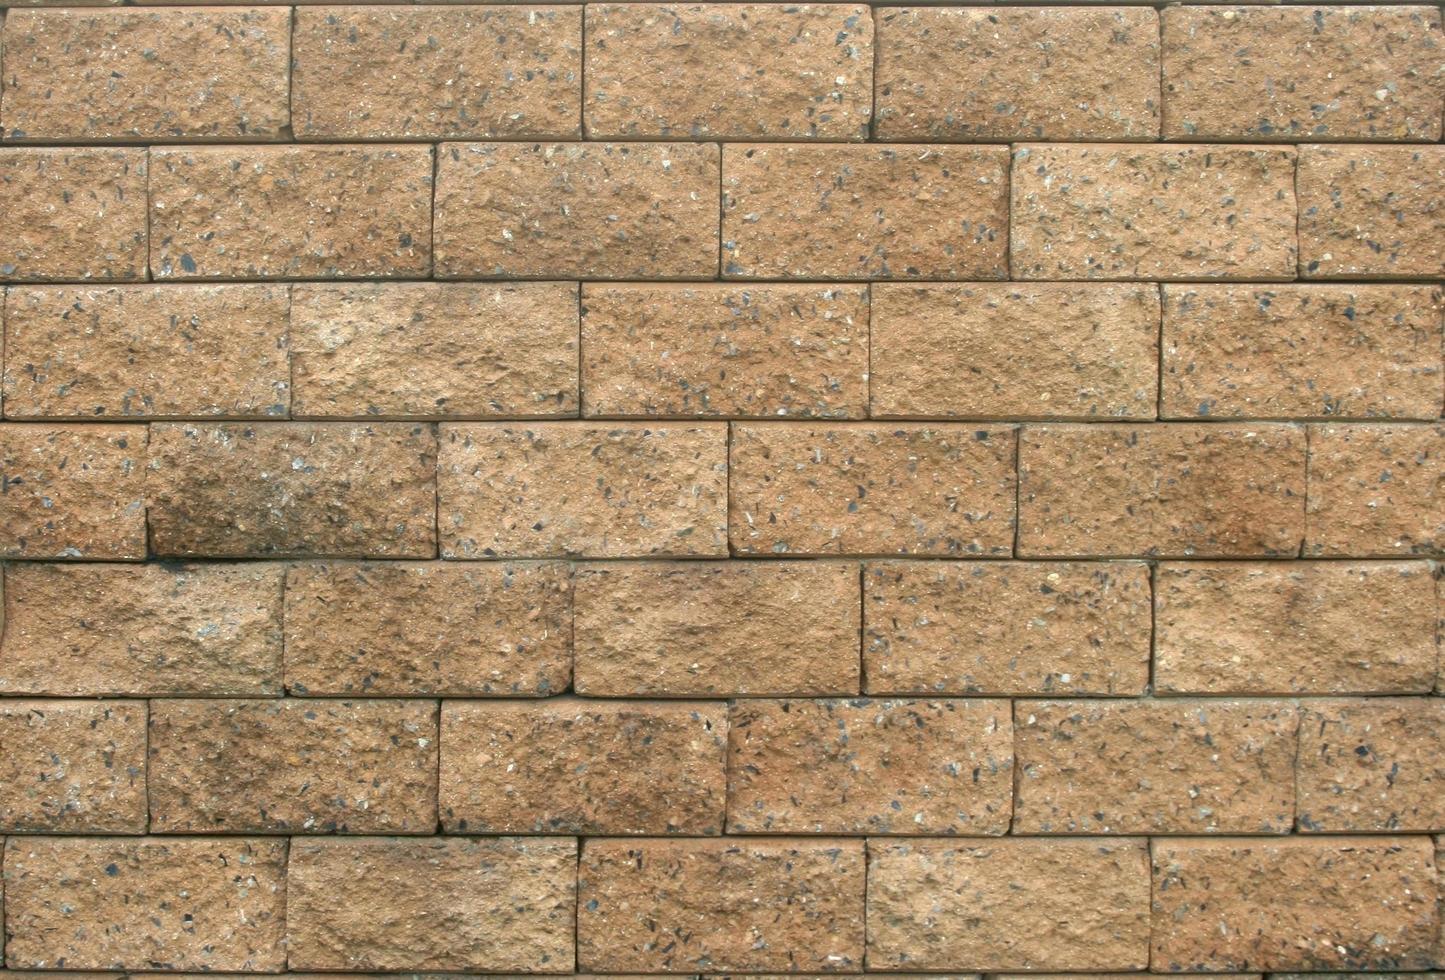 bruine bakstenen muur foto